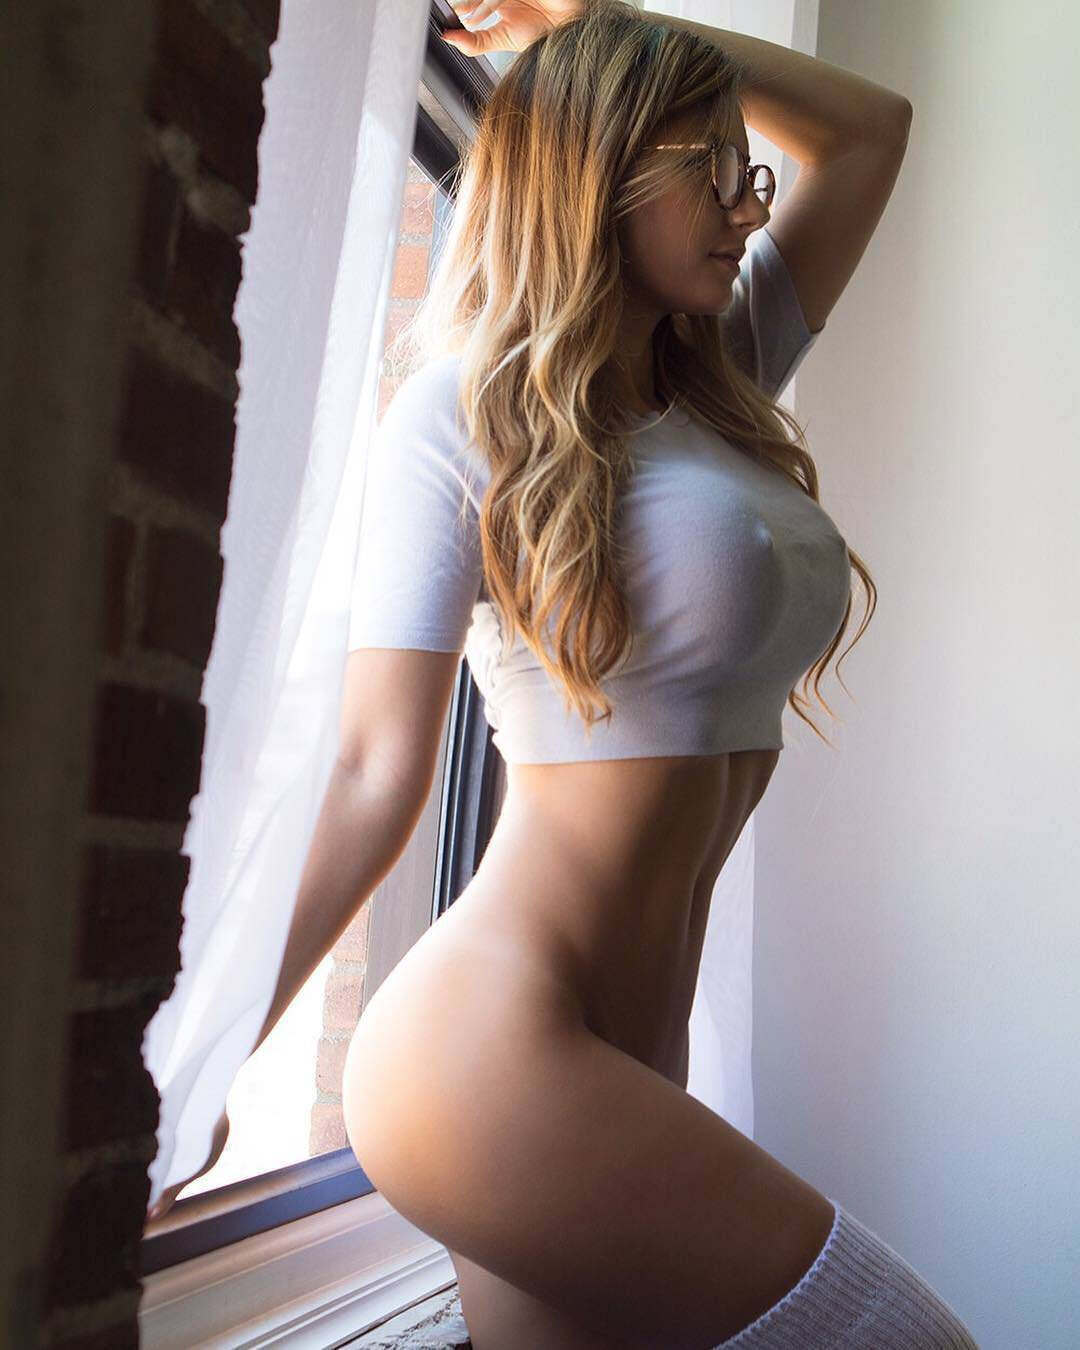 seksualnie-foto-devushek-iz-sotssetey-smotret-porno-turk